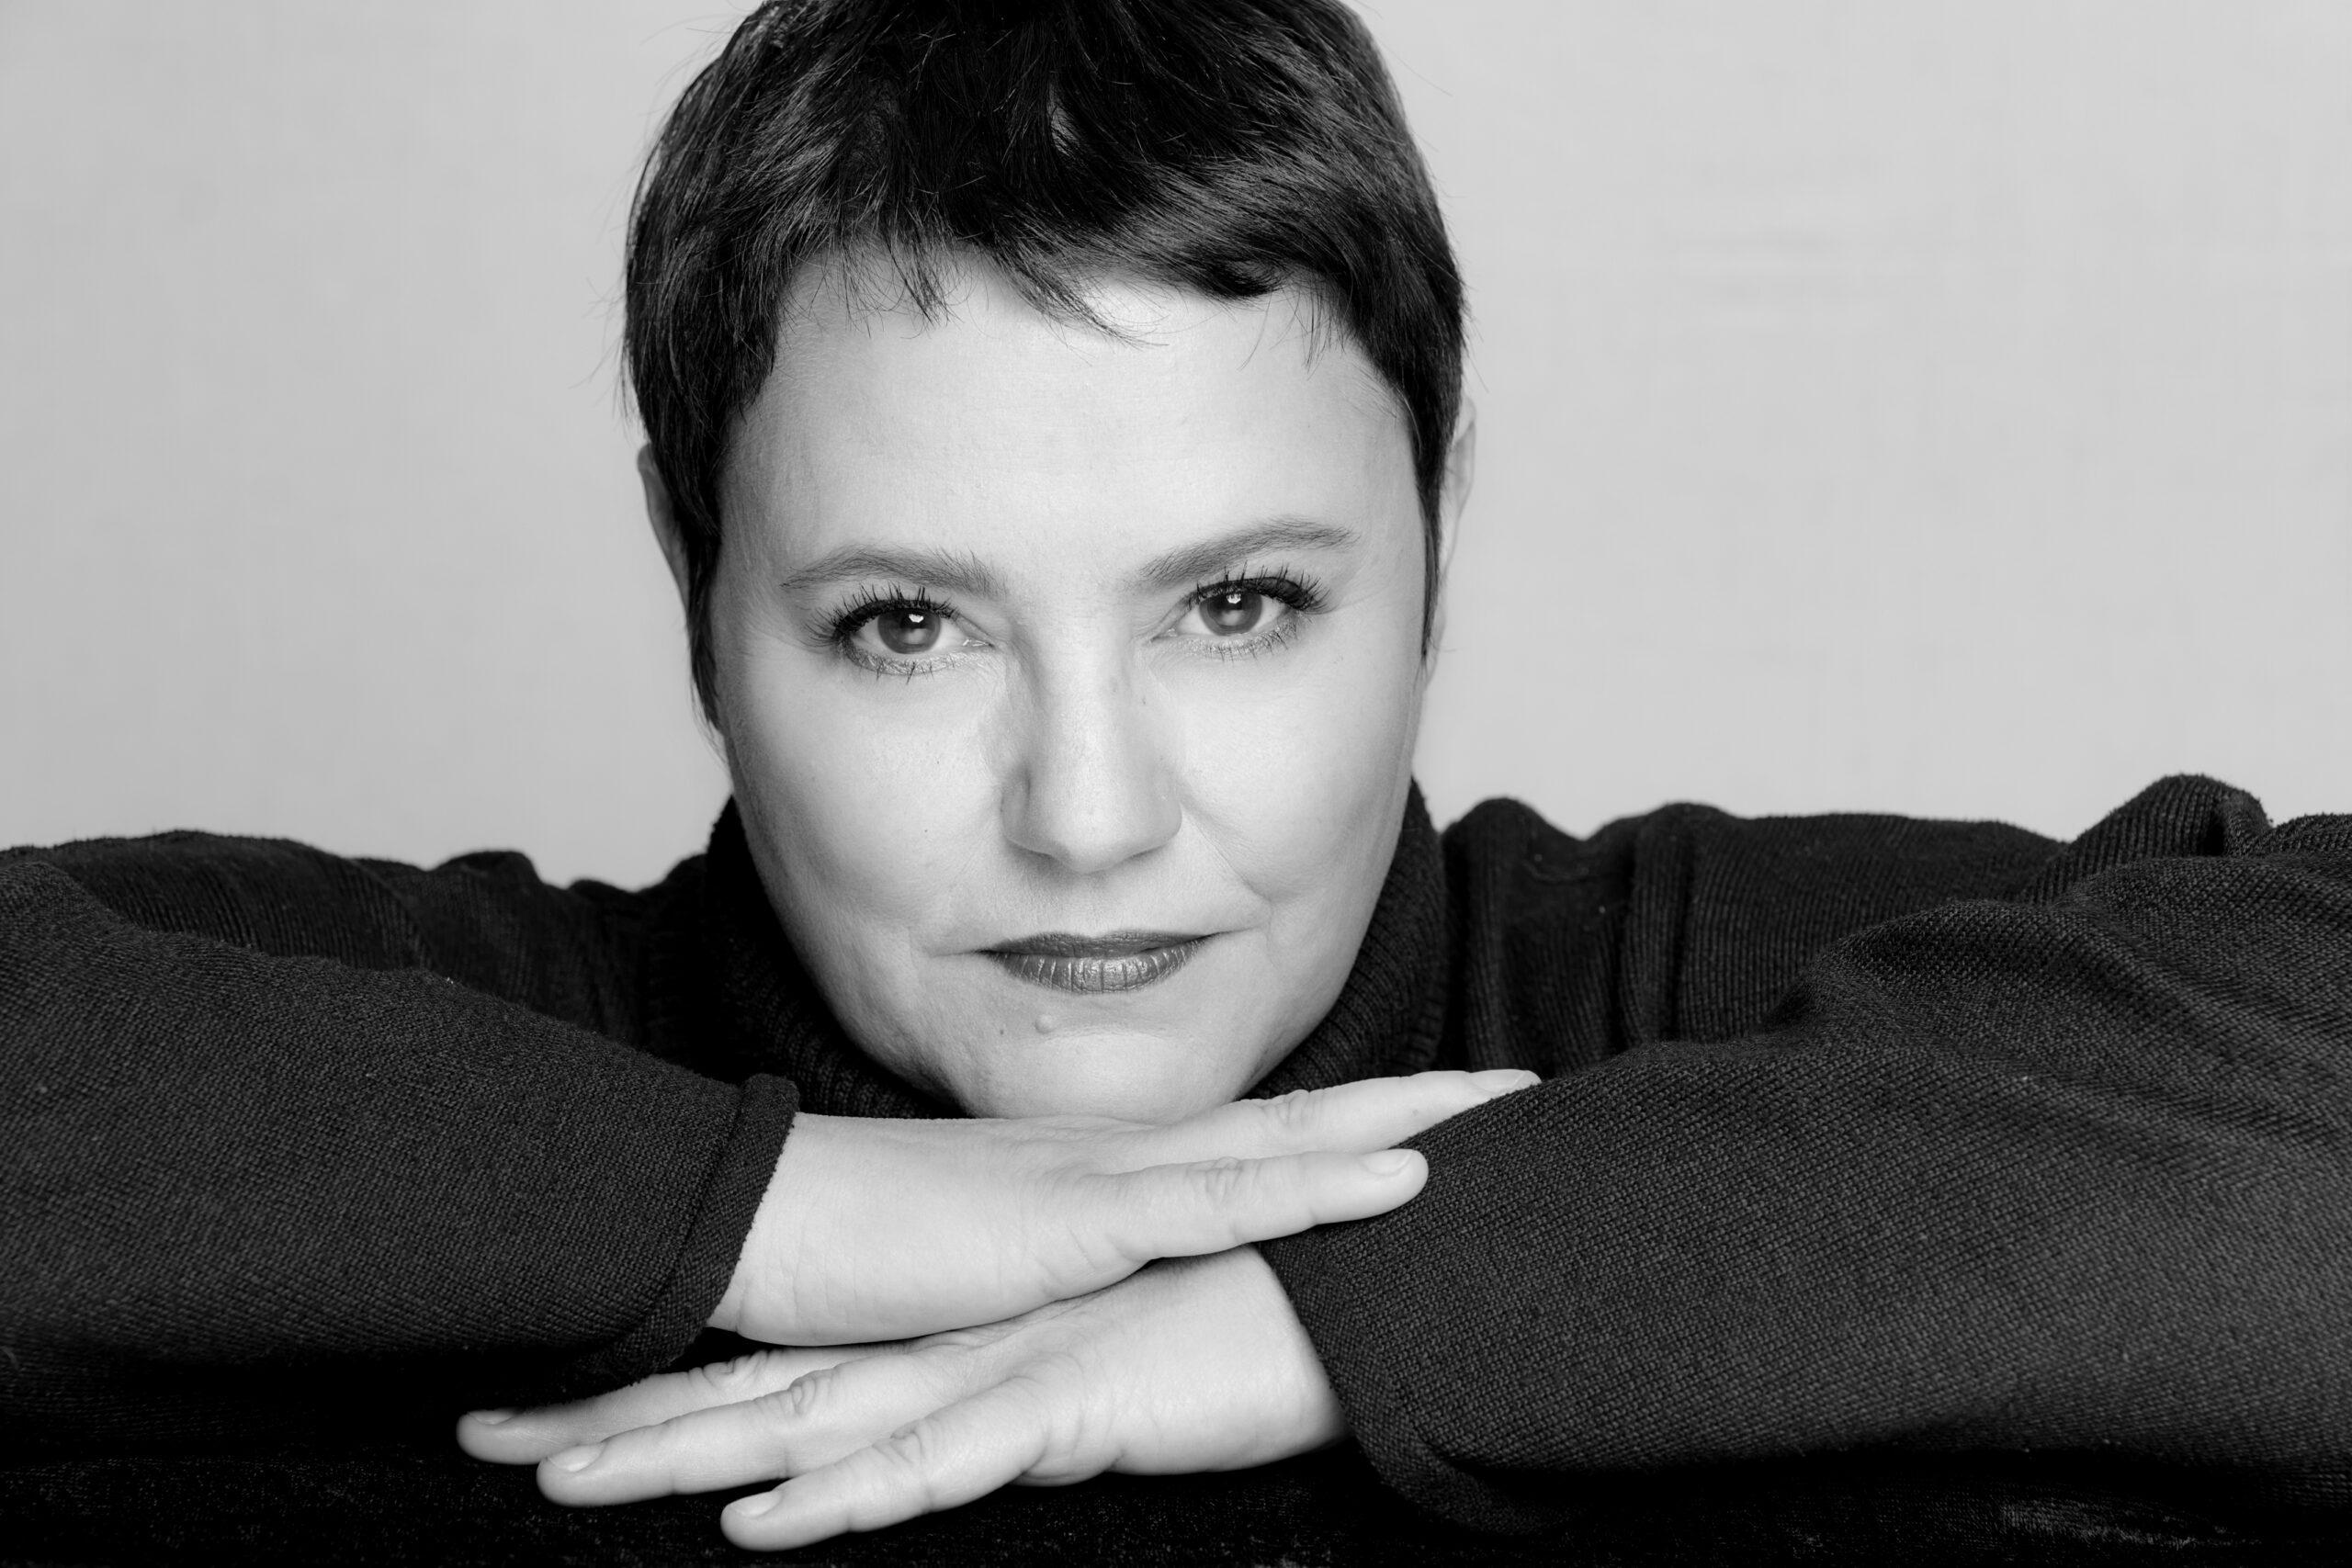 Verena Minoggio (c) Manfred Baumann